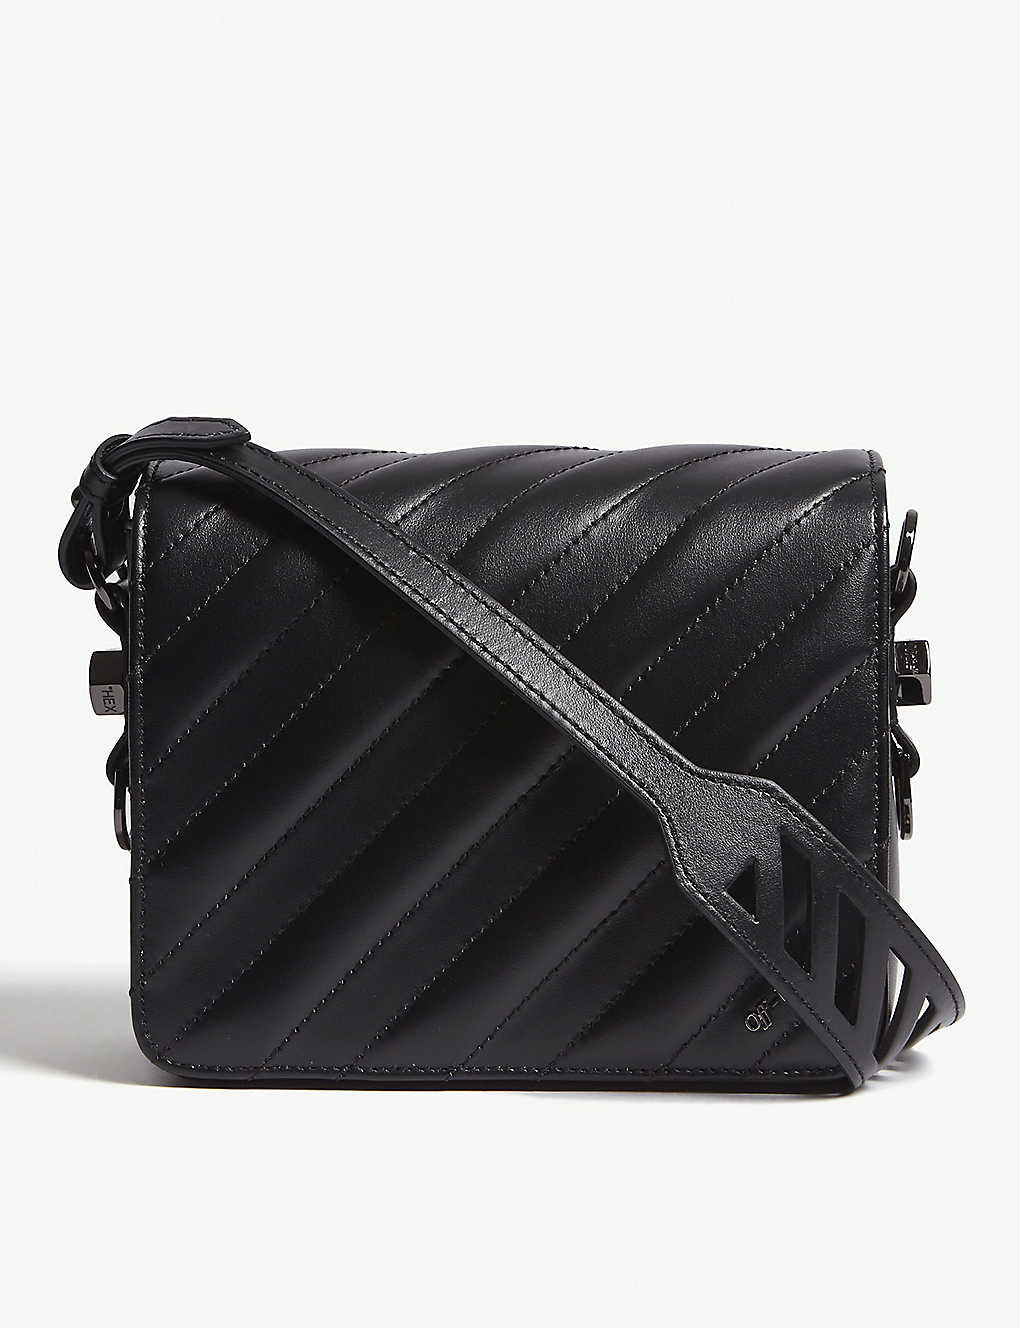 1d409ac17c3ee7 OFF-WHITE C/O VIRGIL ABLOH - Quilted binder clip leather shoulder ...